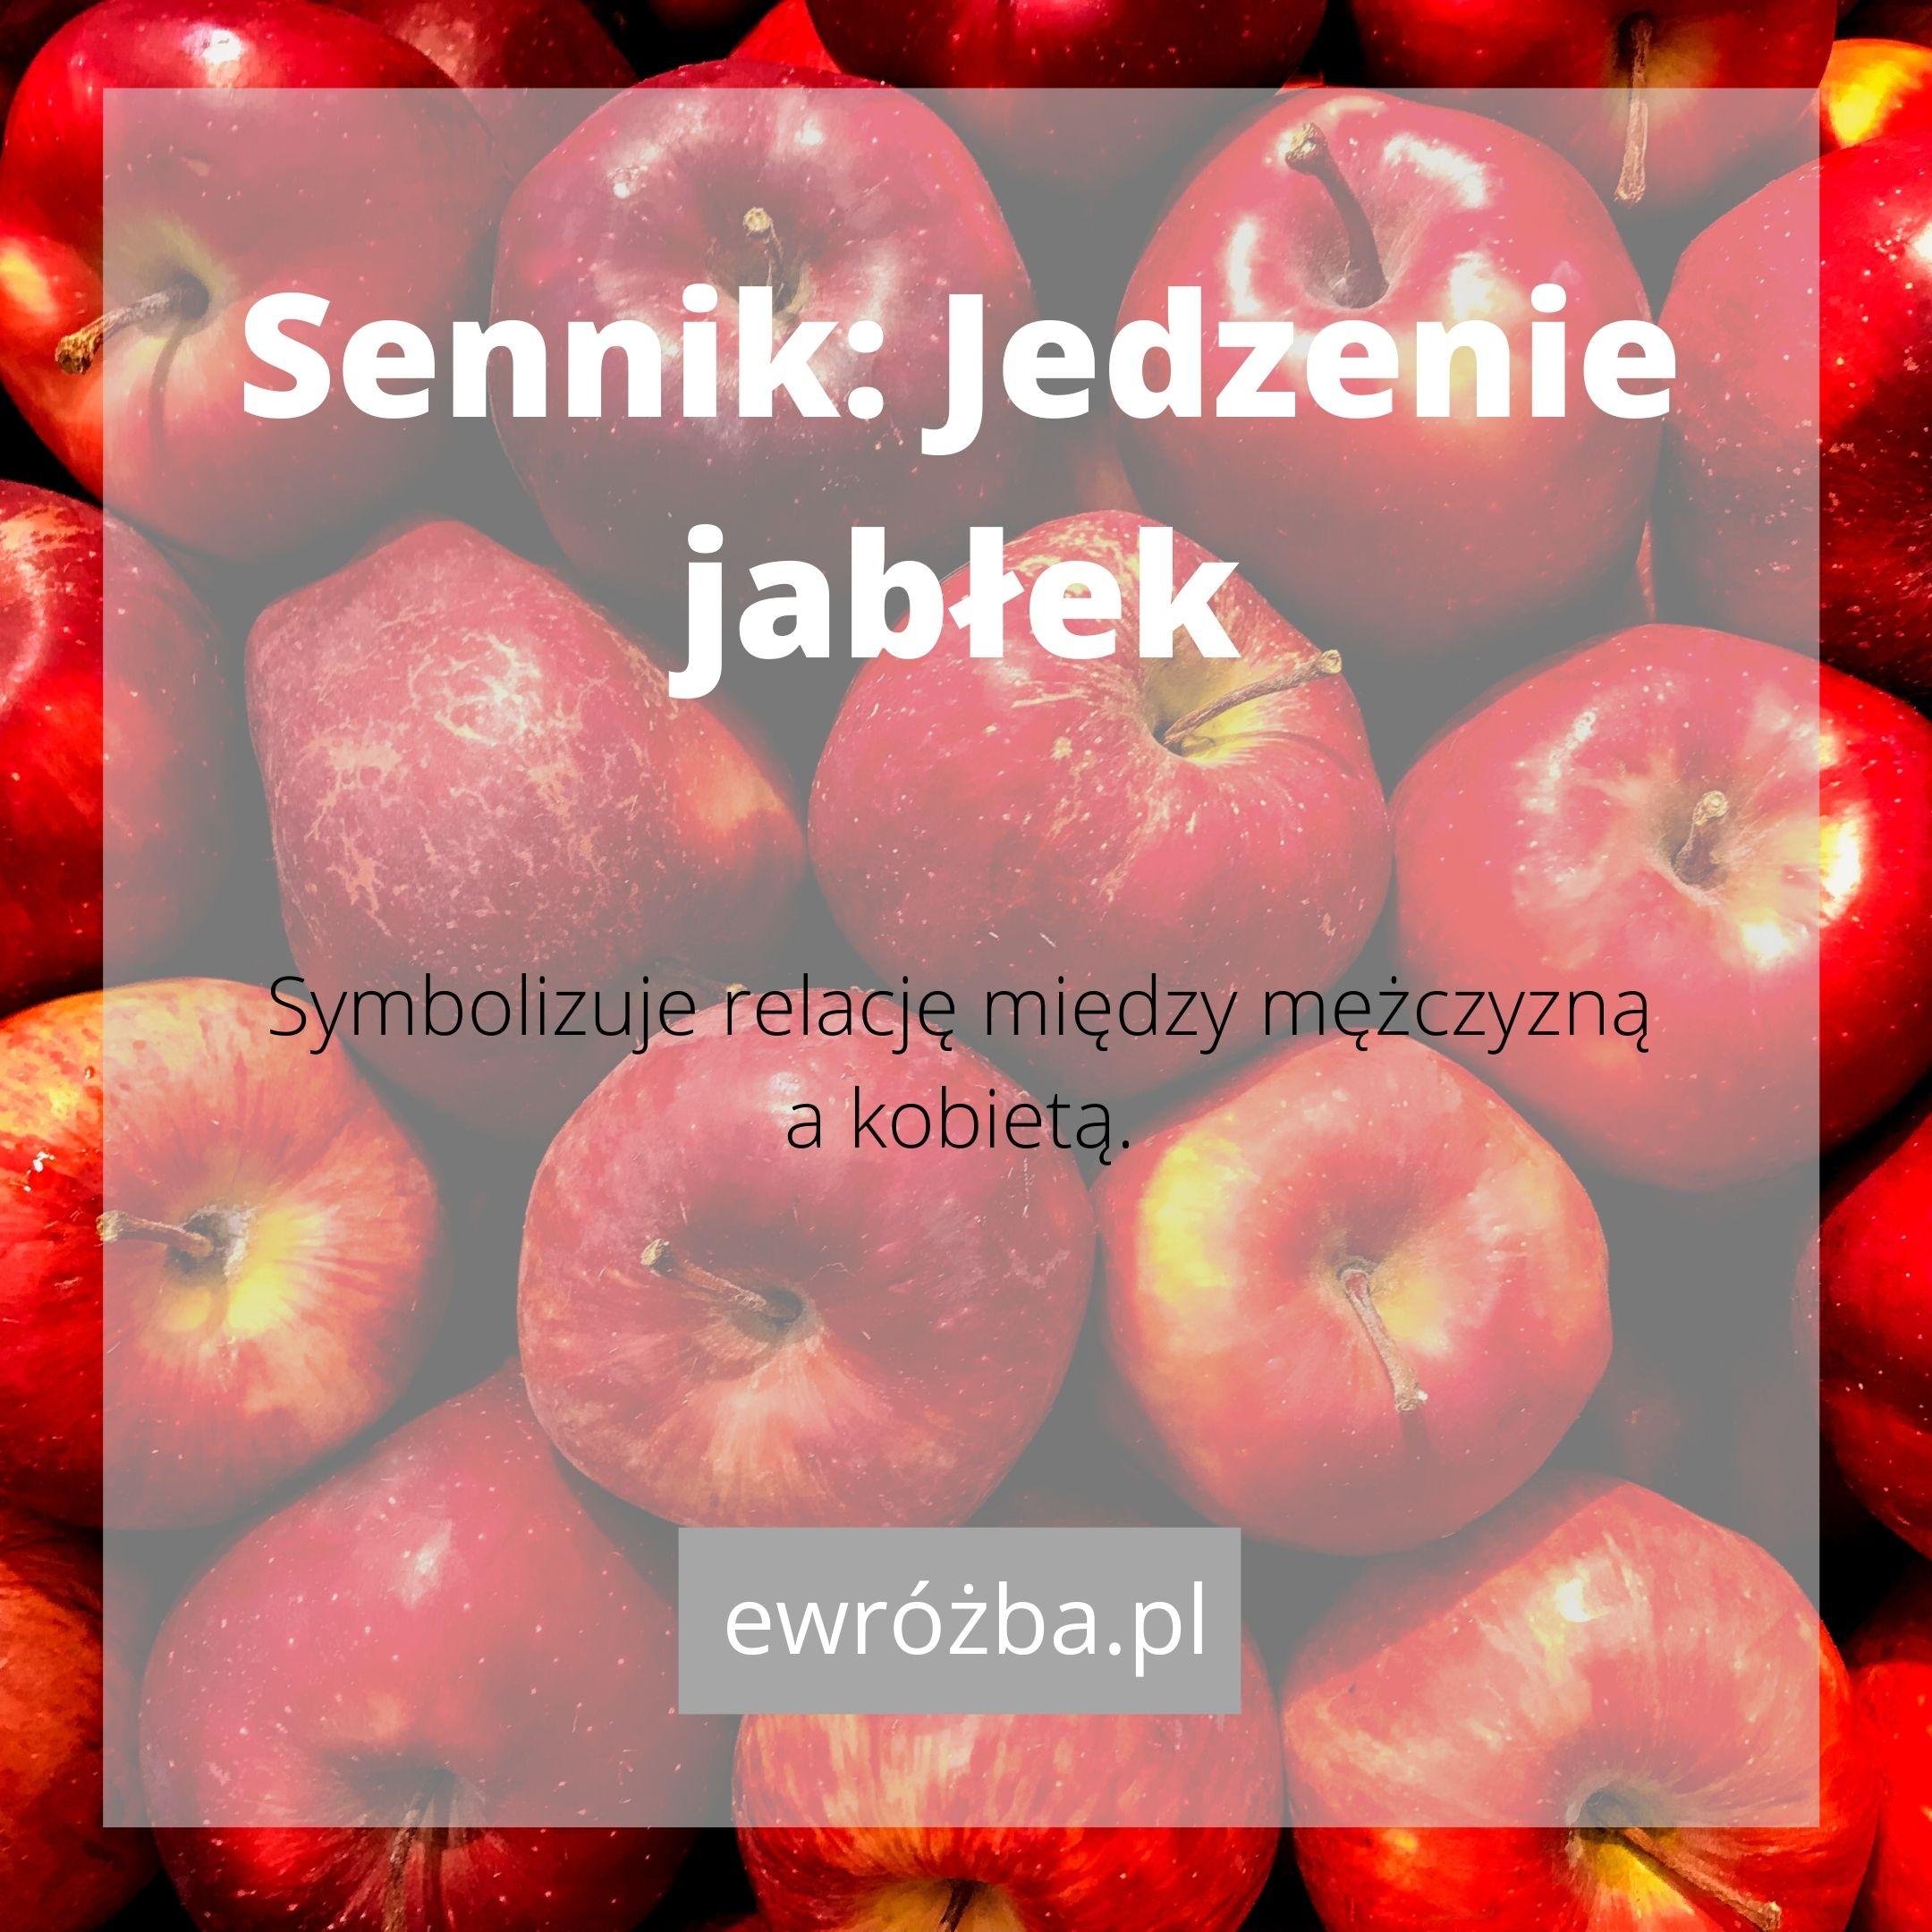 Jabłko w snach 1